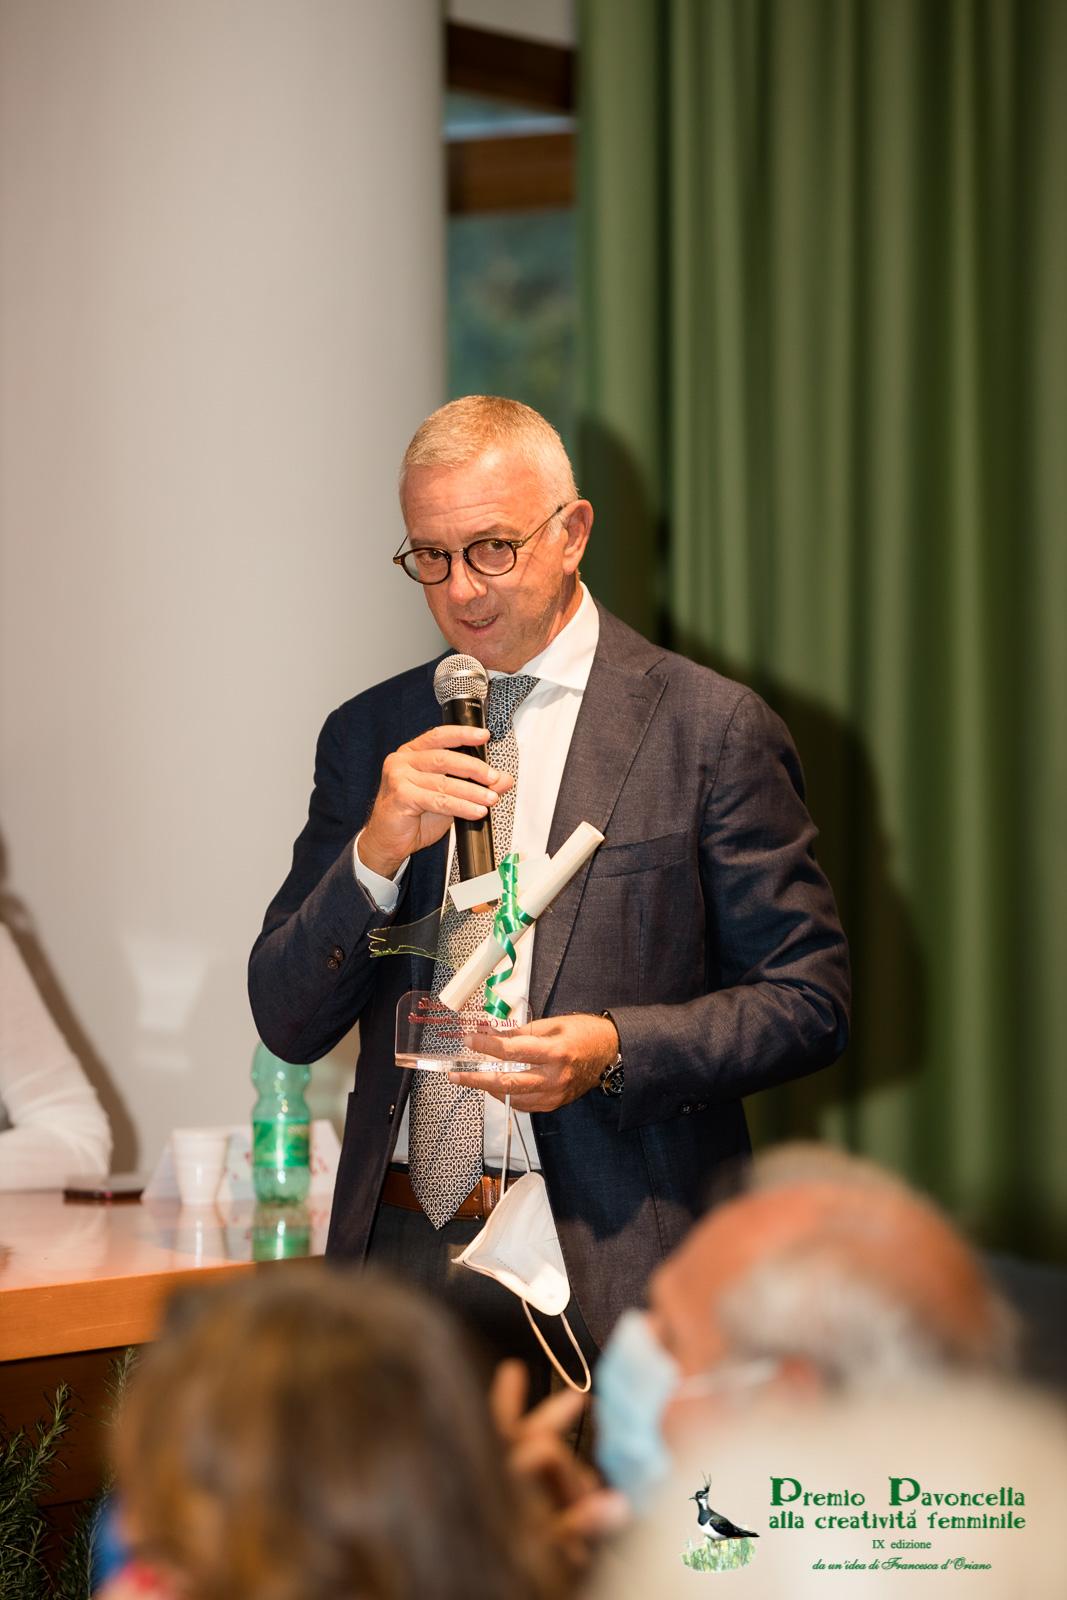 Il prof. Michele Cicala in un momento della premiazione